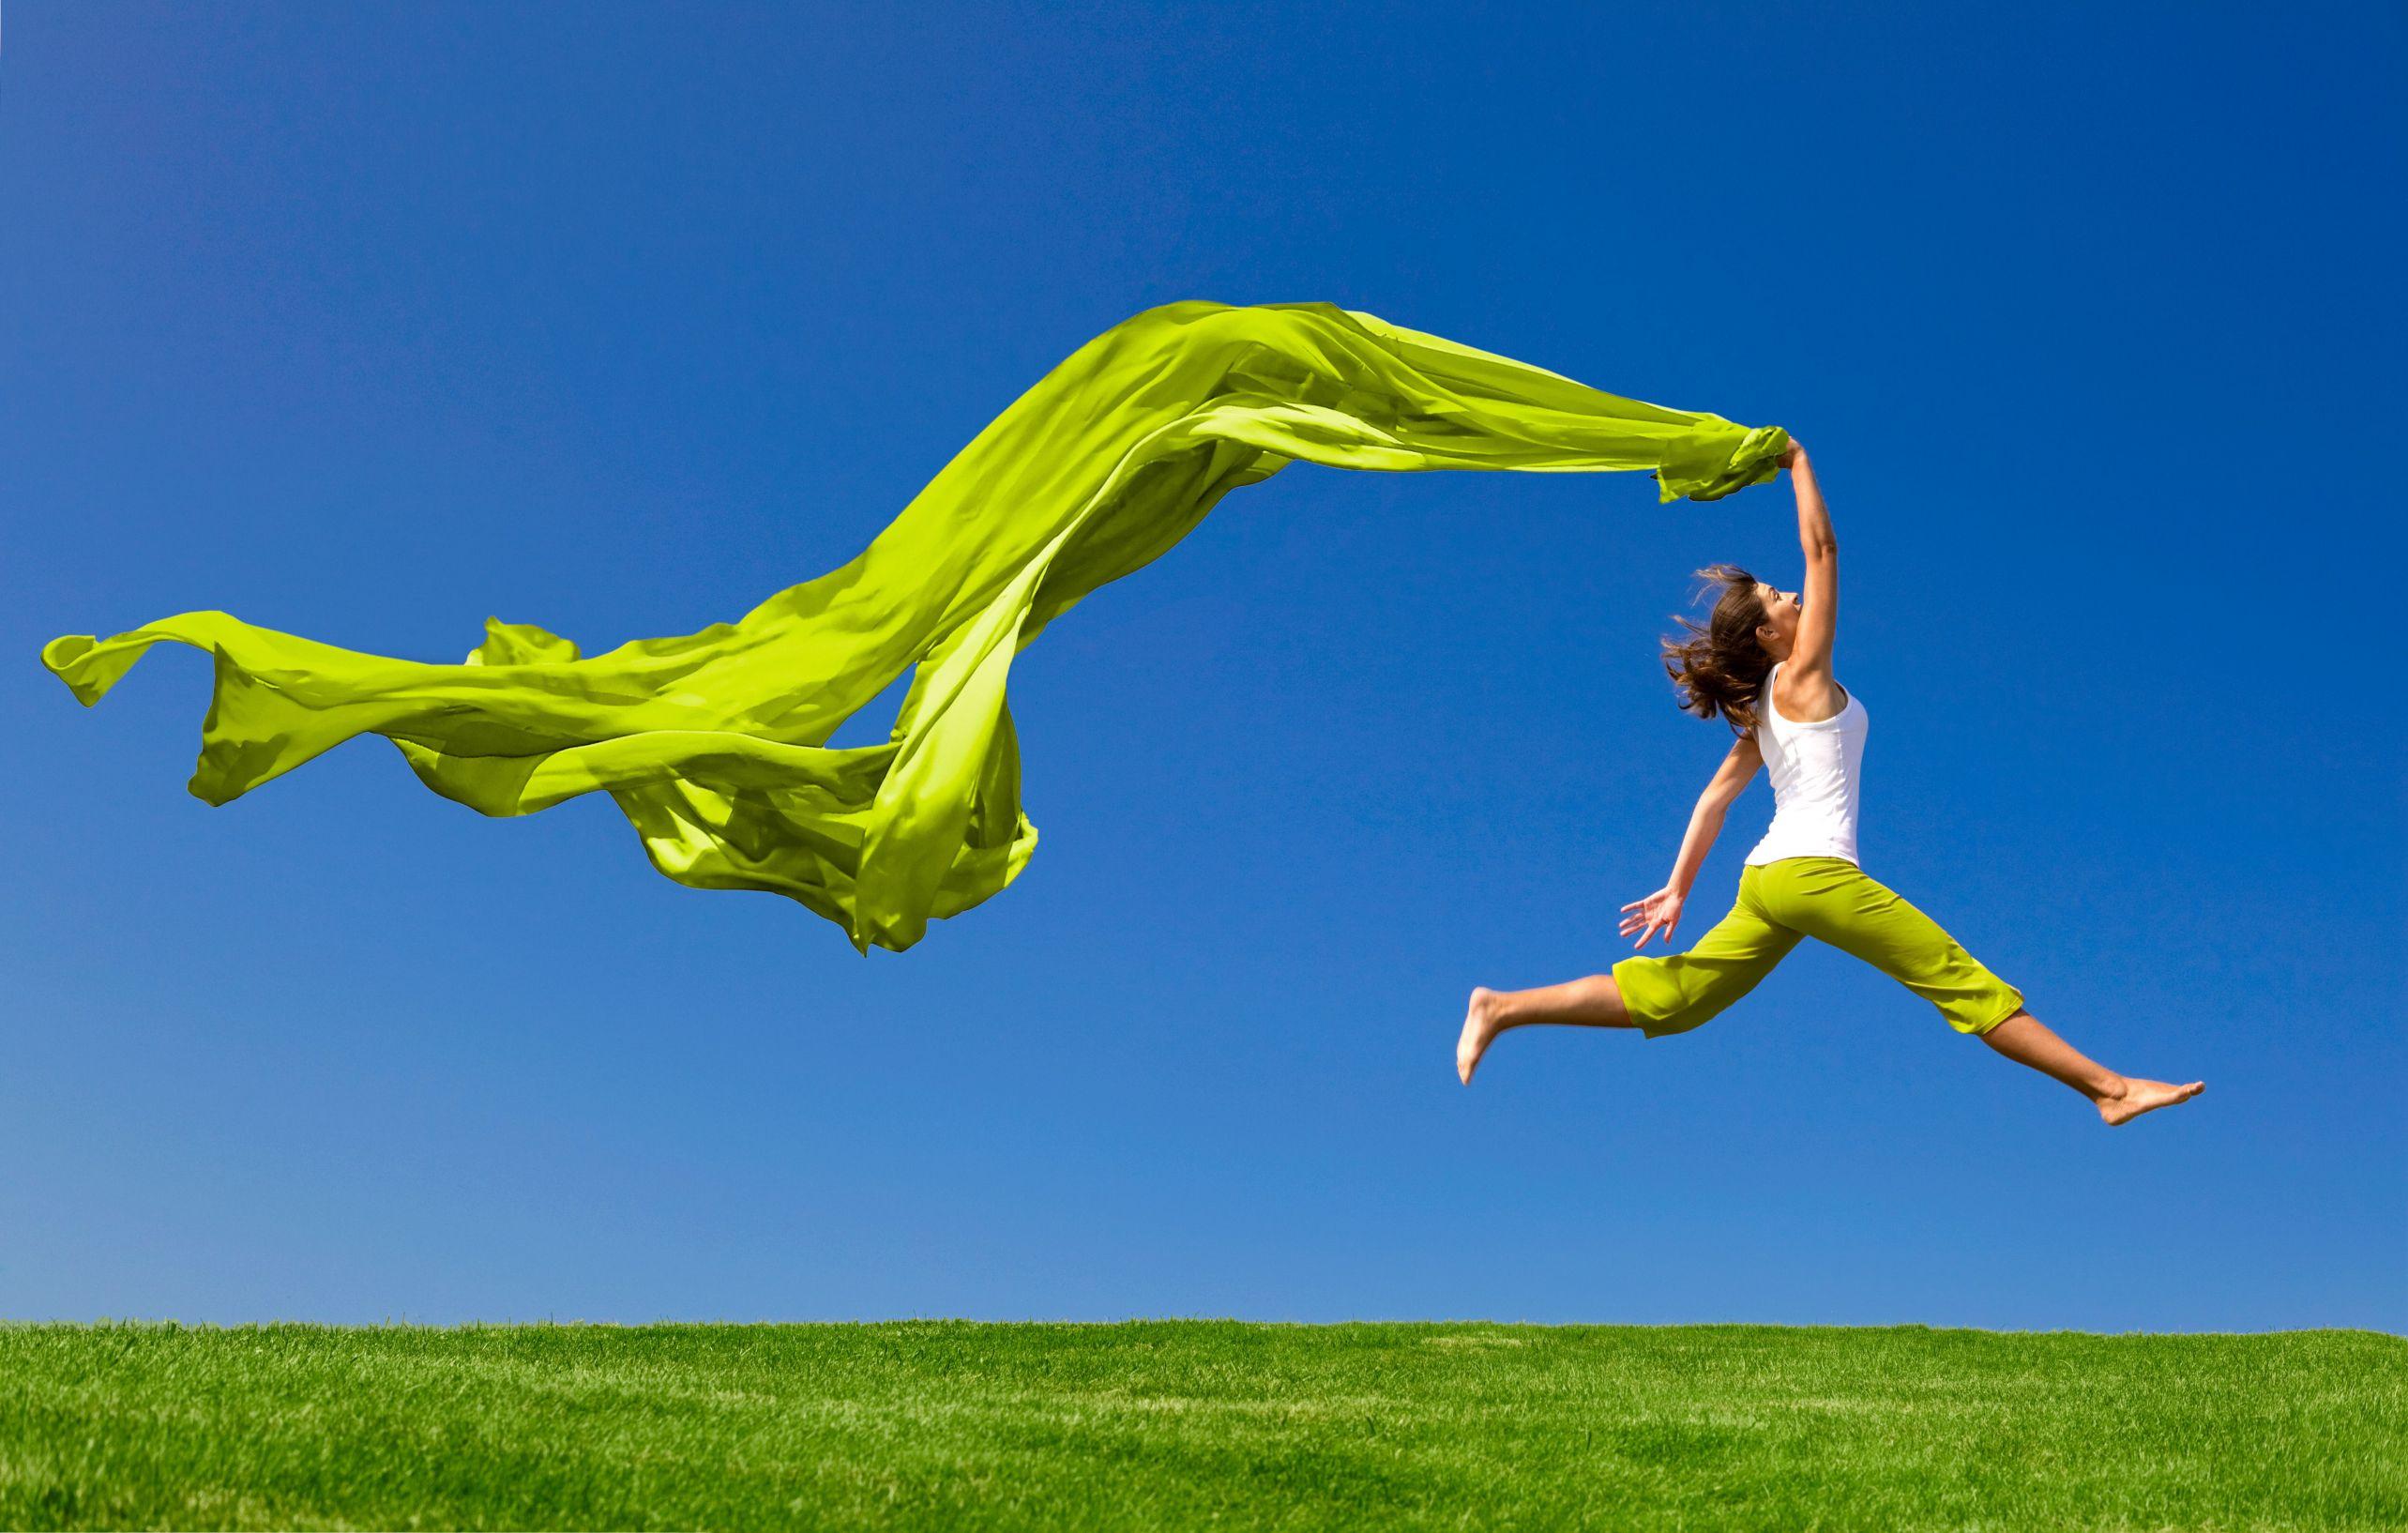 30 уроков, которые преподнесла мне жизнь за 30 лет.  Урок 29: Здоровый образ жизни.